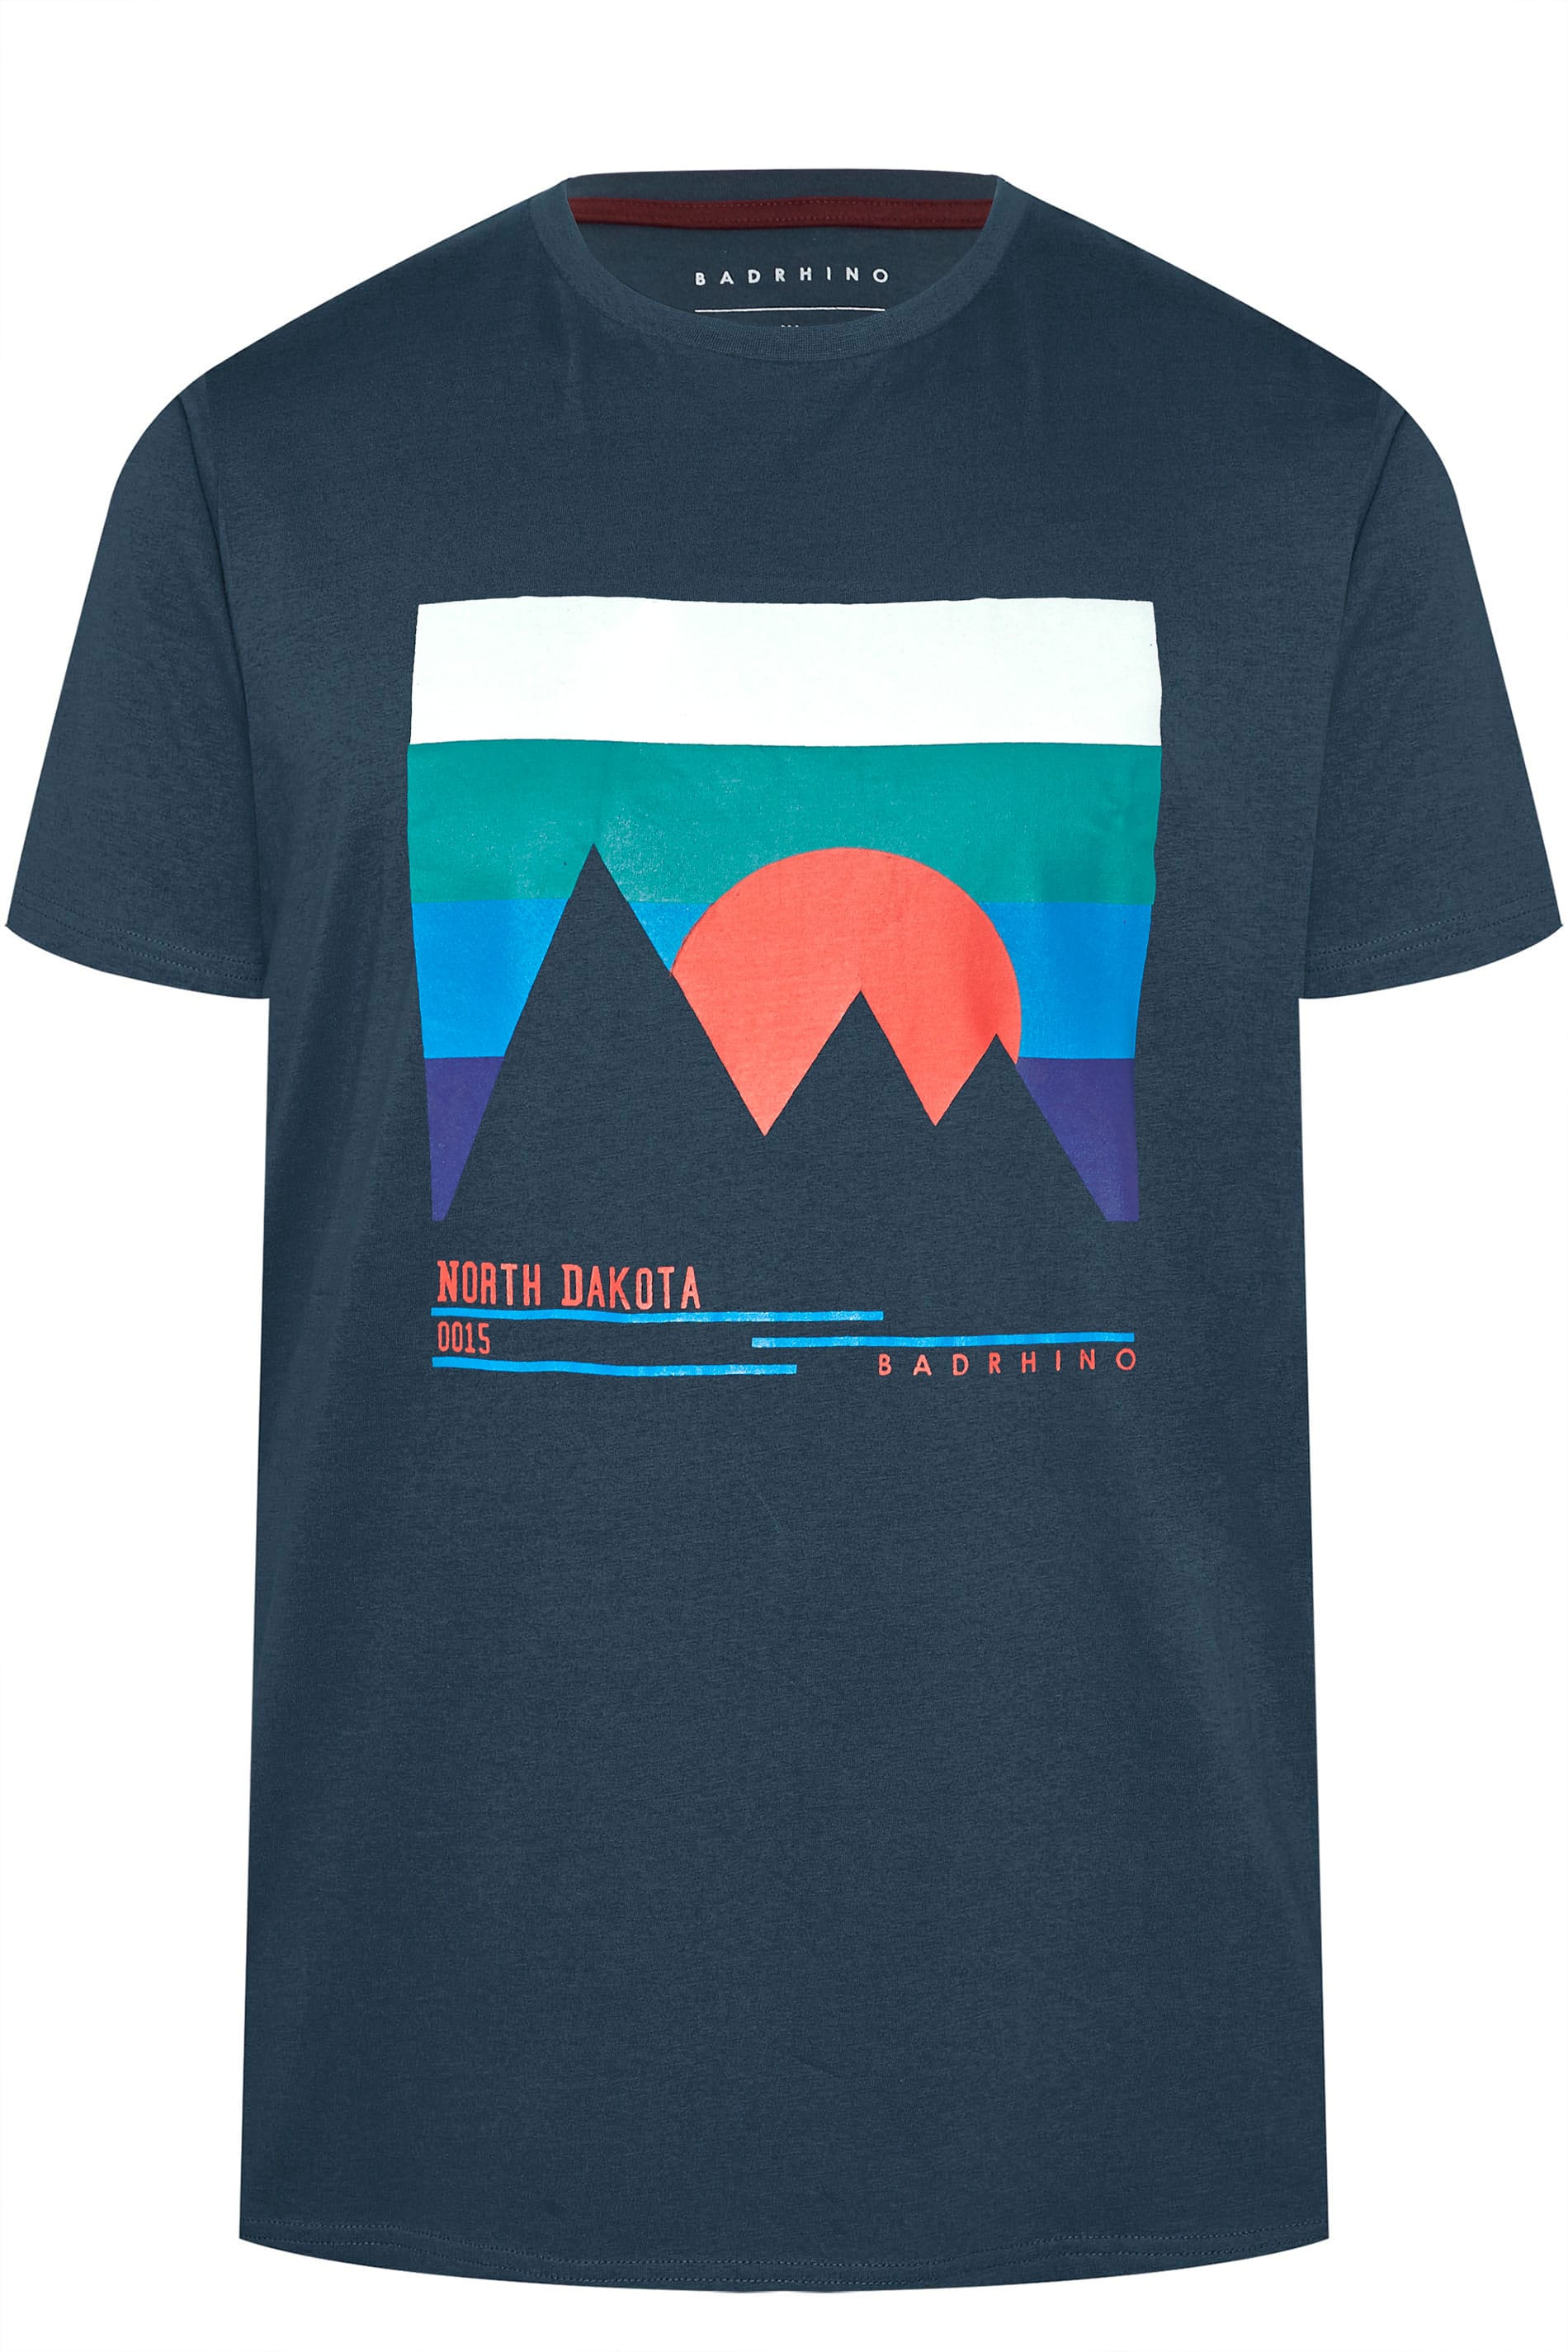 BadRhino Navy 'North Dakota' Slogan Print T-Shirt